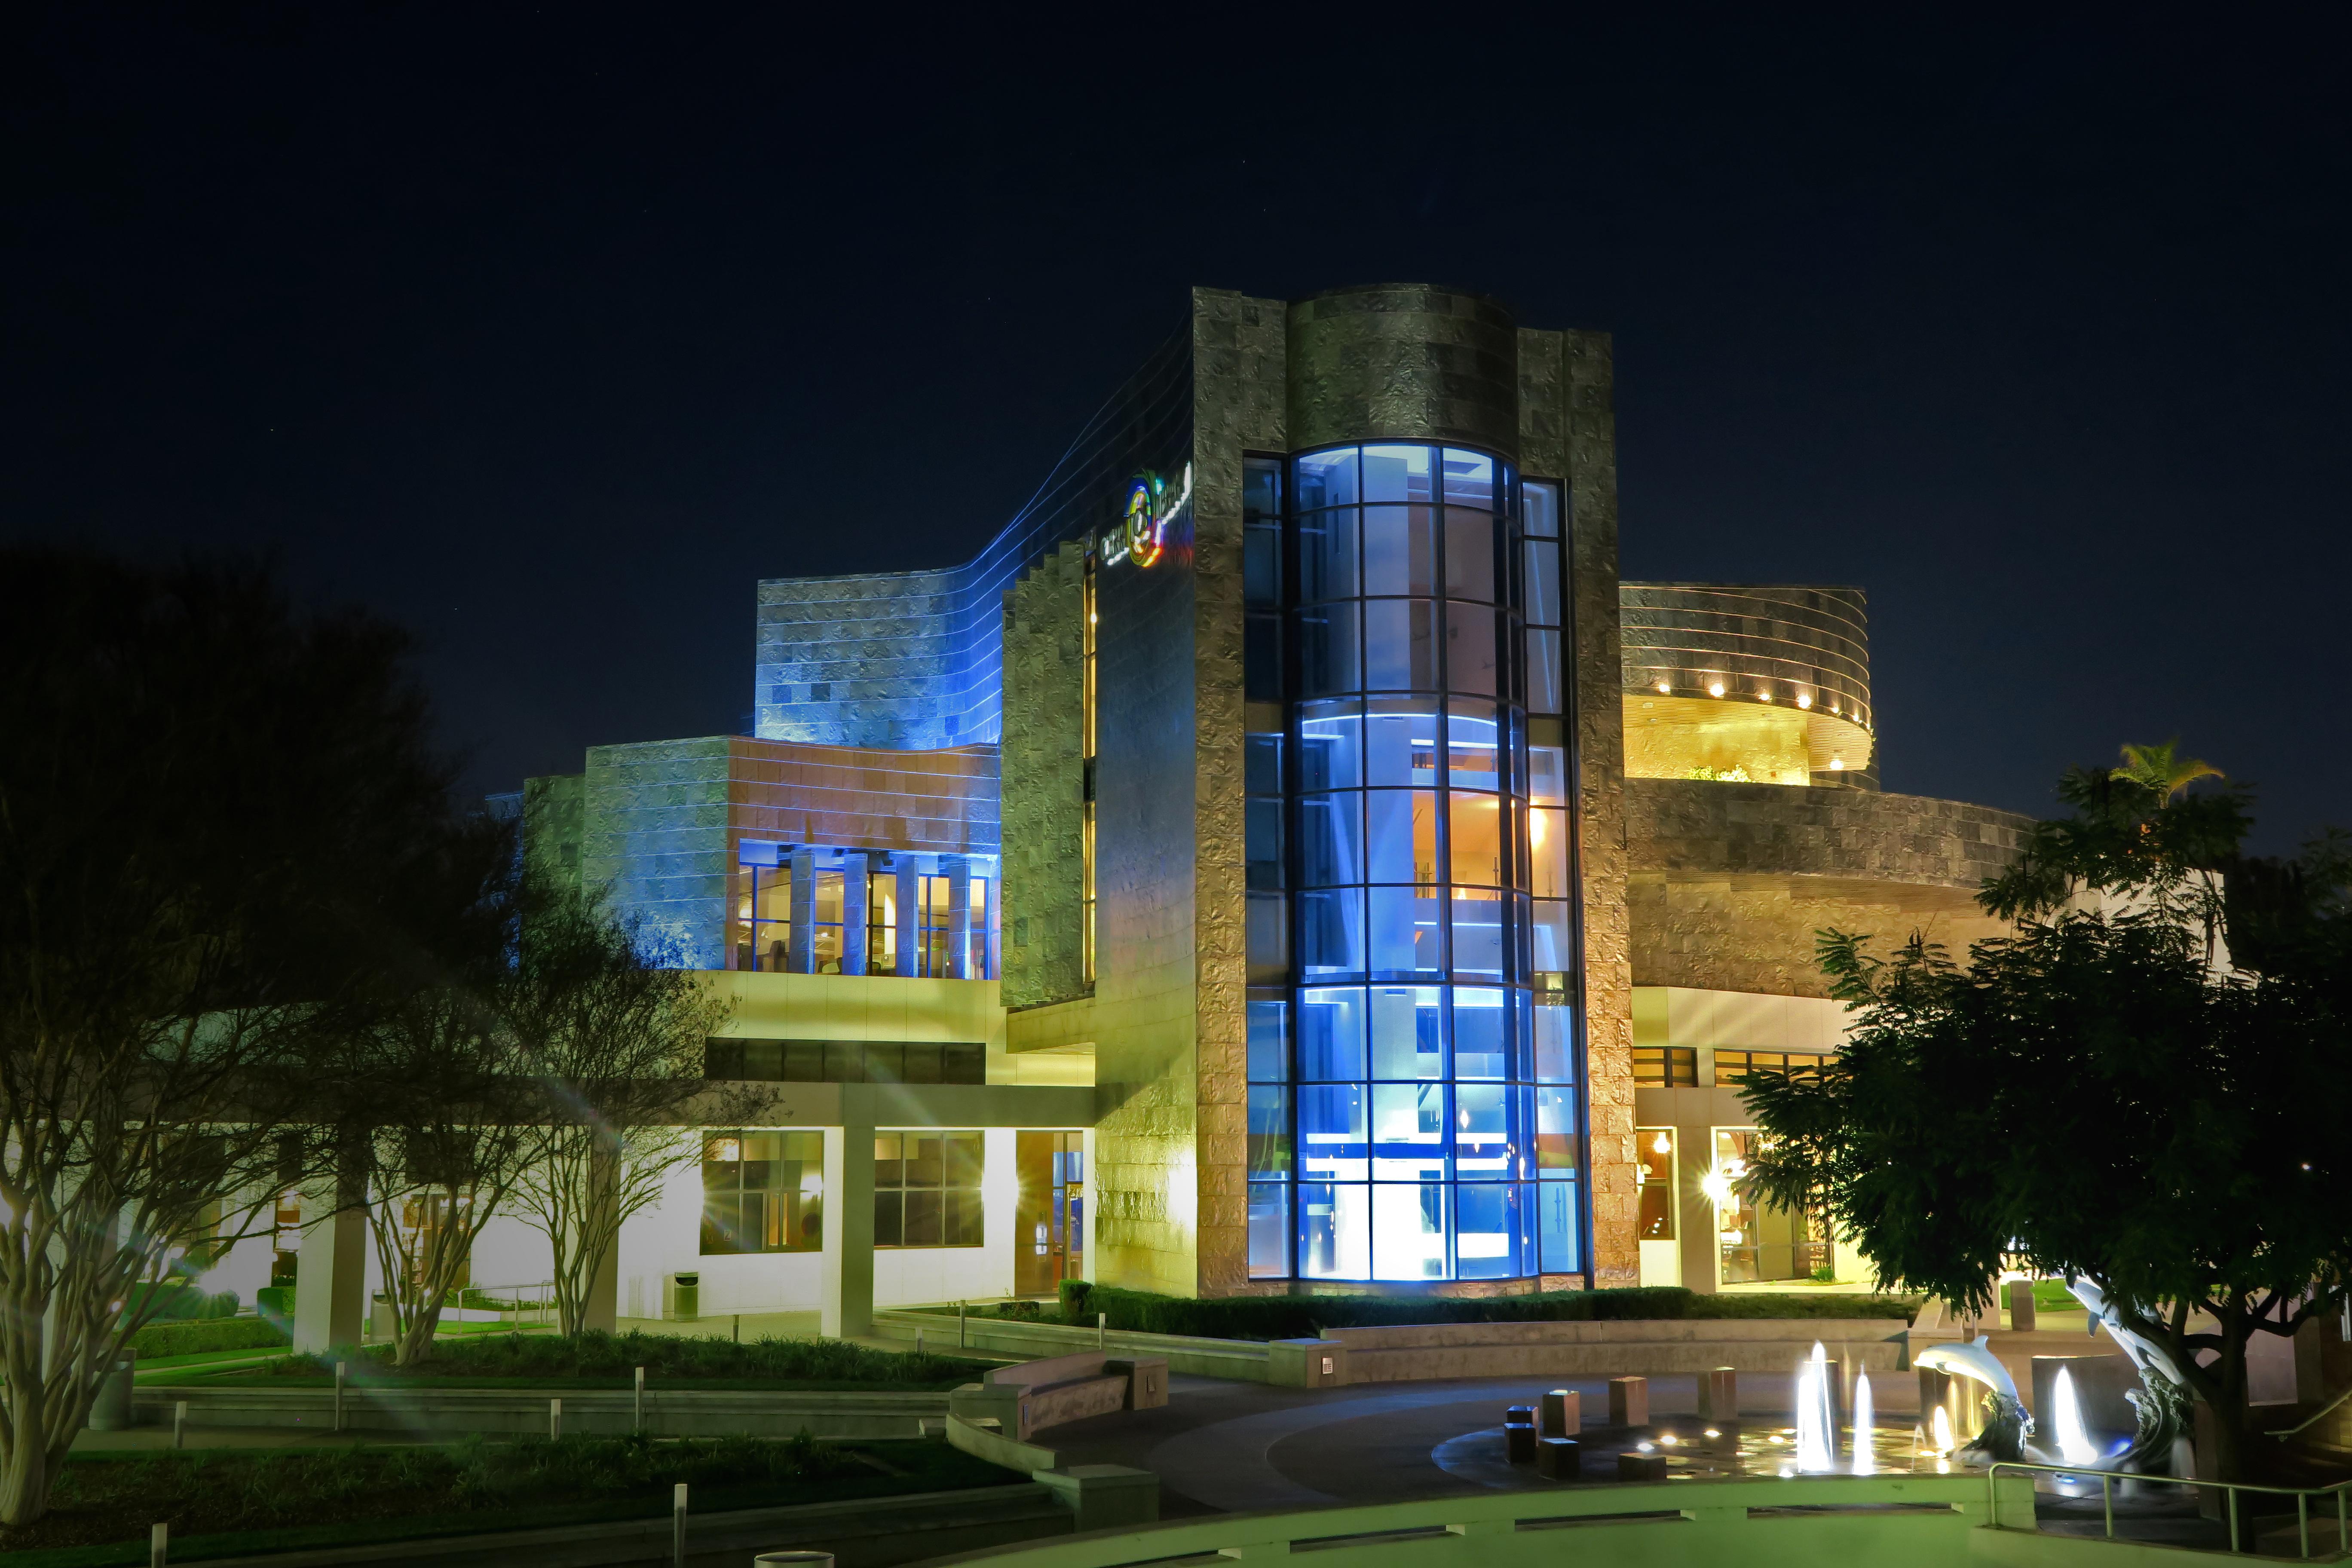 Cerritos Public Library